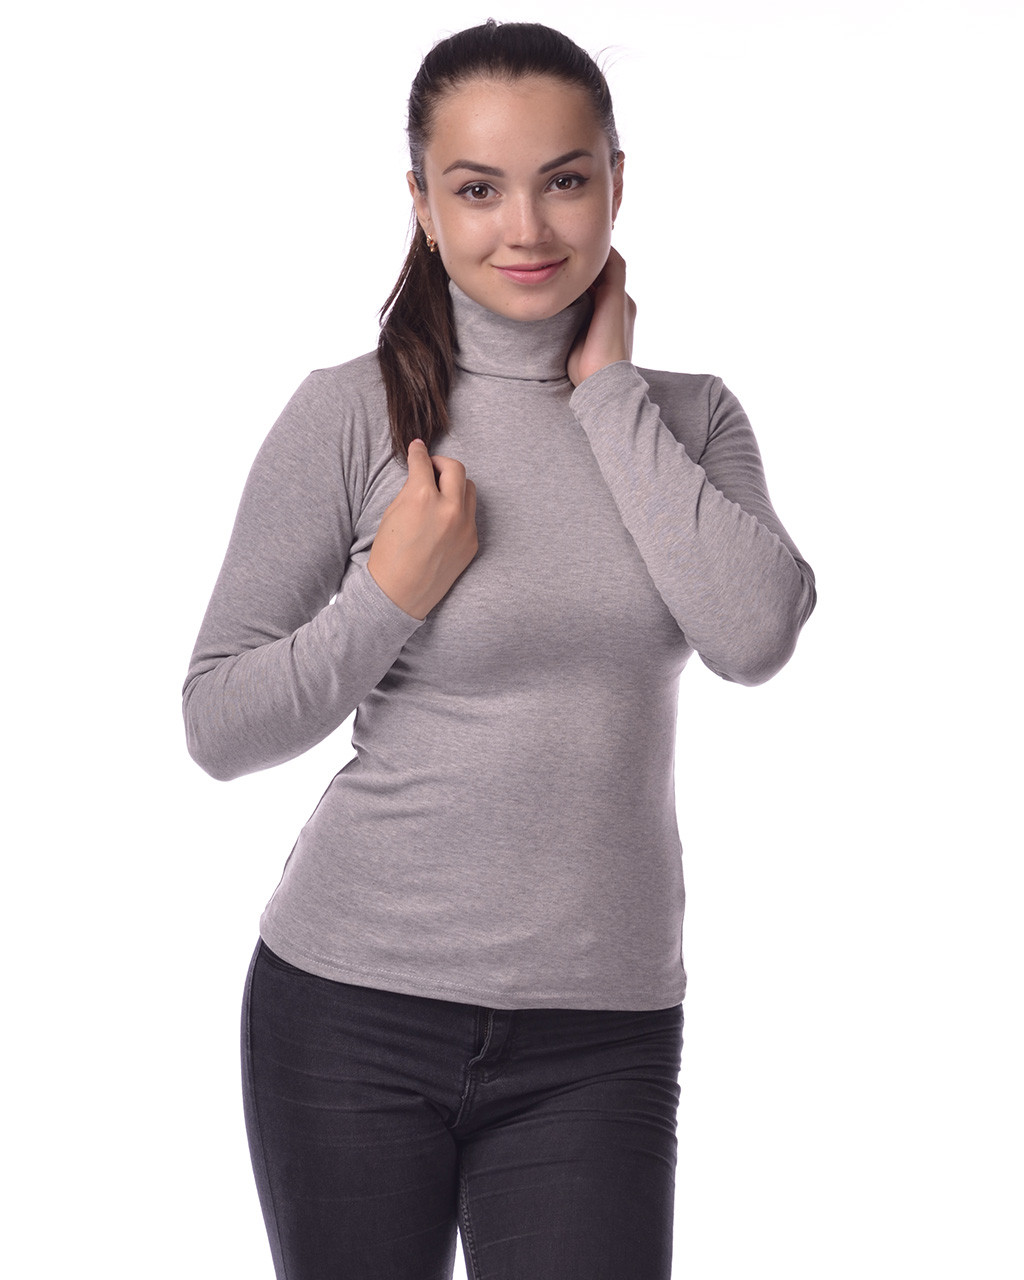 Водолазка гольф женский из полушерсти на флисе М(42-46), светло-серый меланж